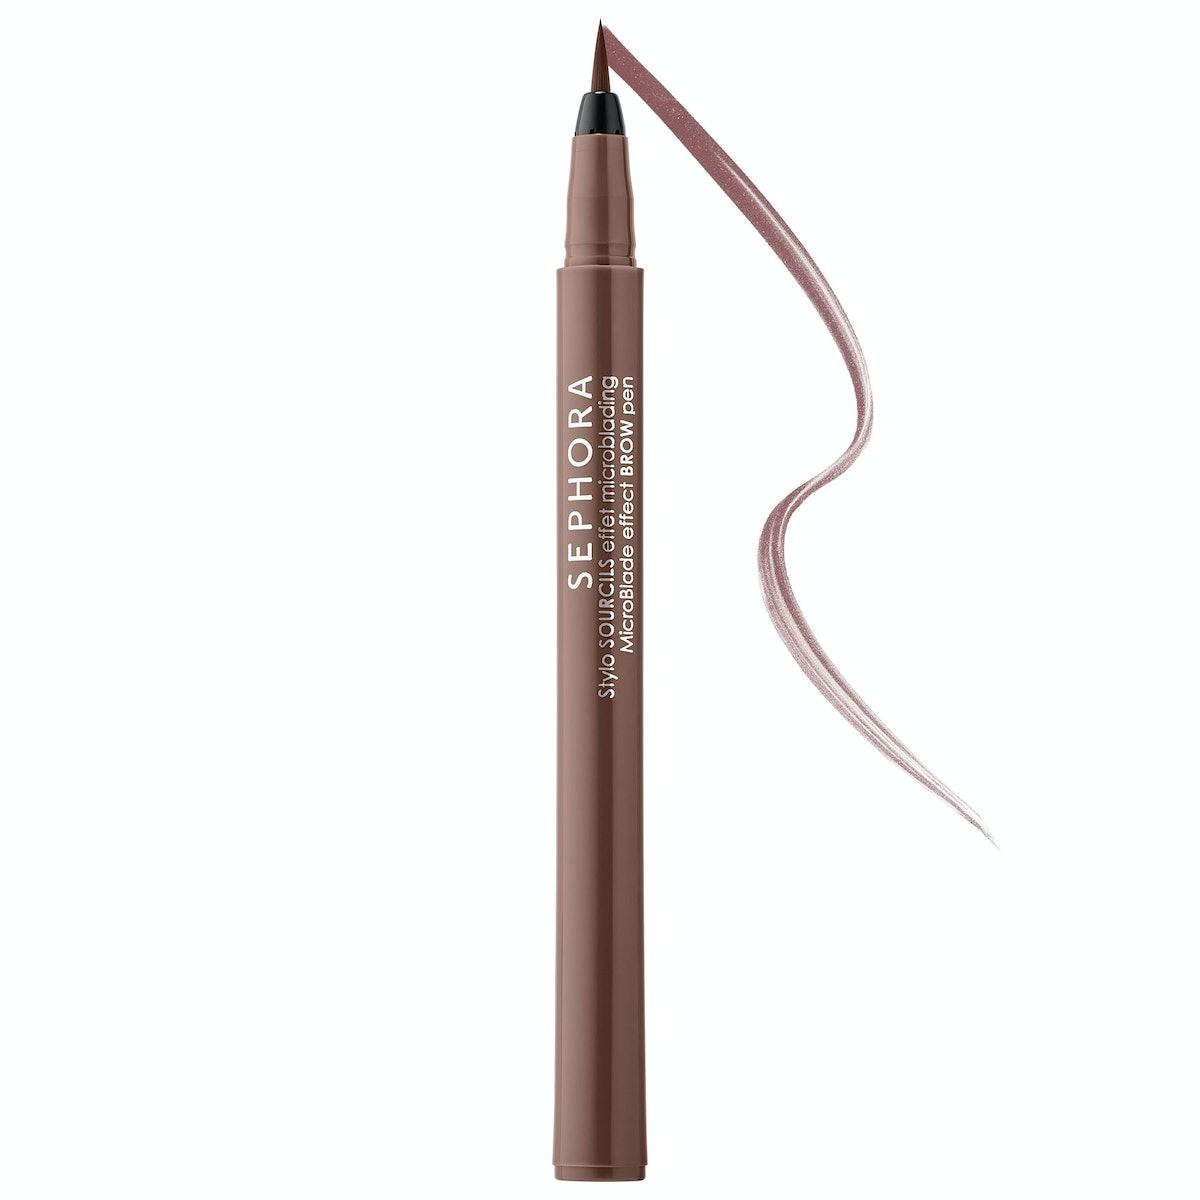 Sephora Collection Microblade Effect Brow Pen